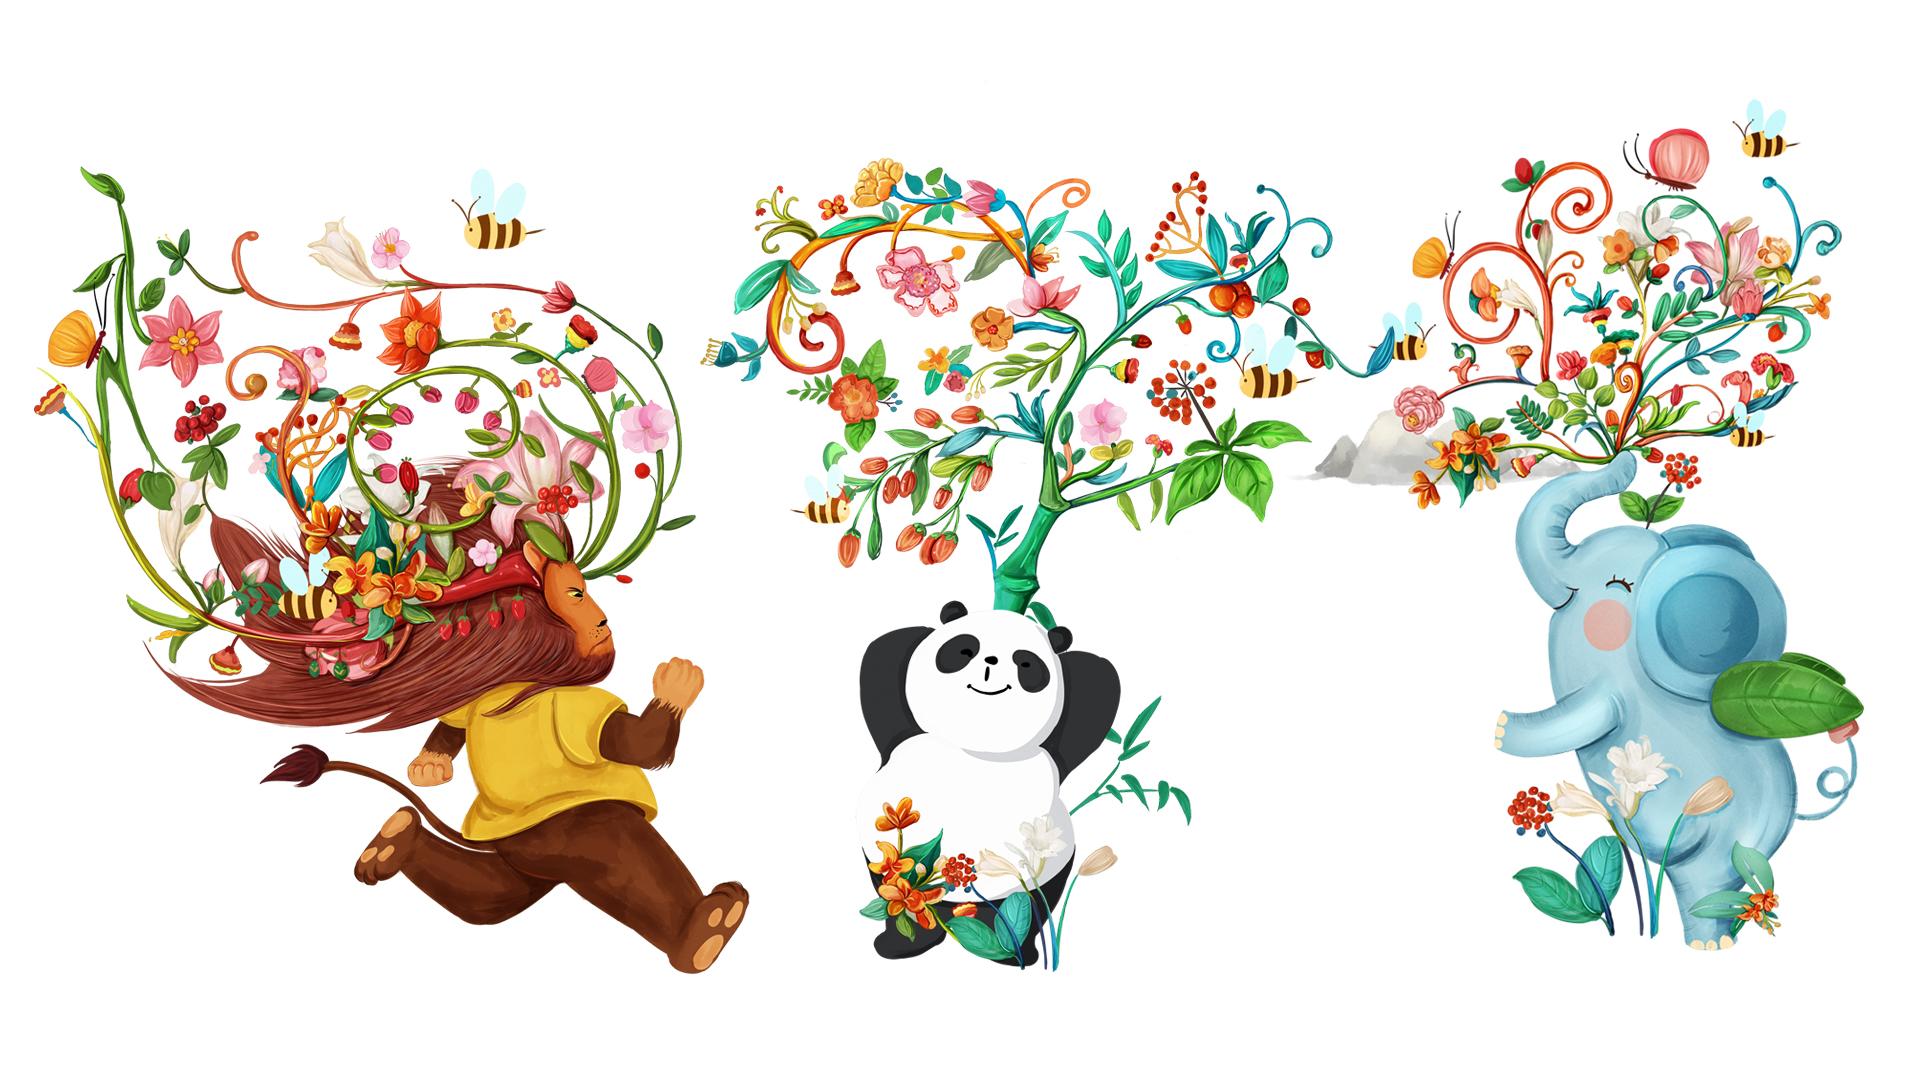 【包装插画】唯美时尚包装装饰水彩国画小清新商业广告插图产品